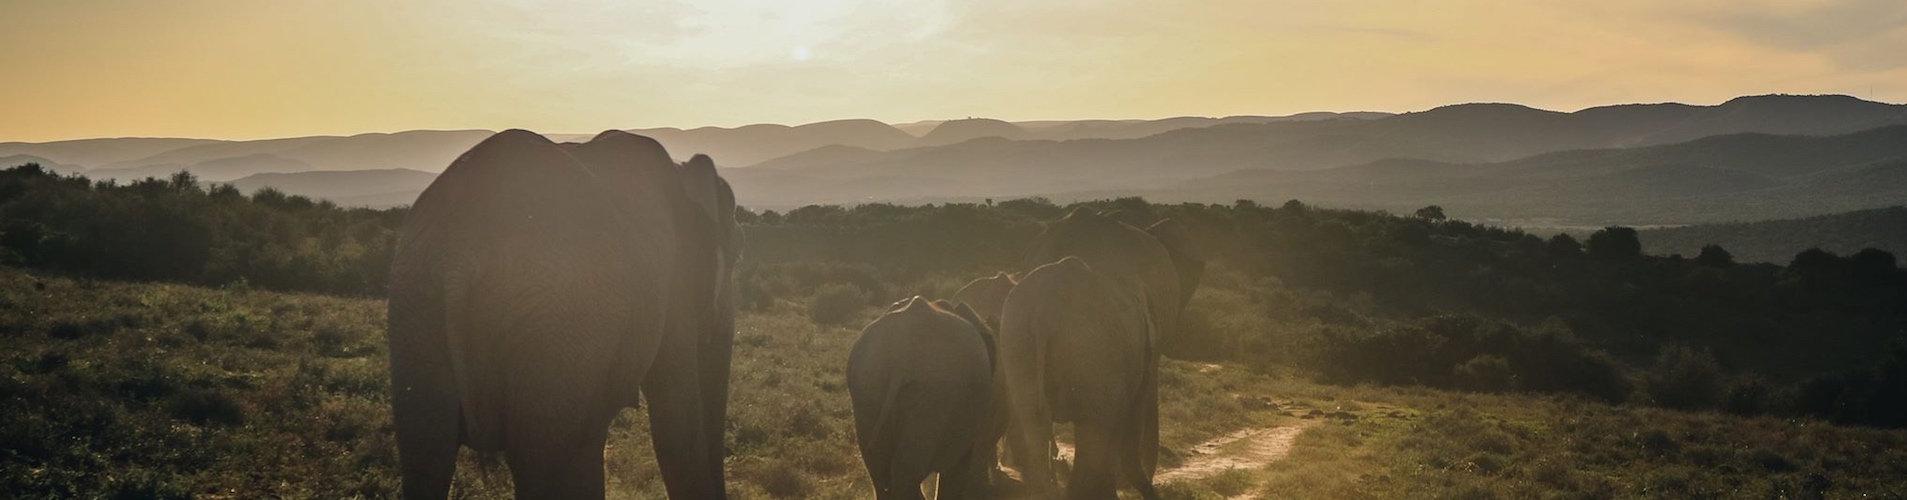 elephant thailande voyage authentique